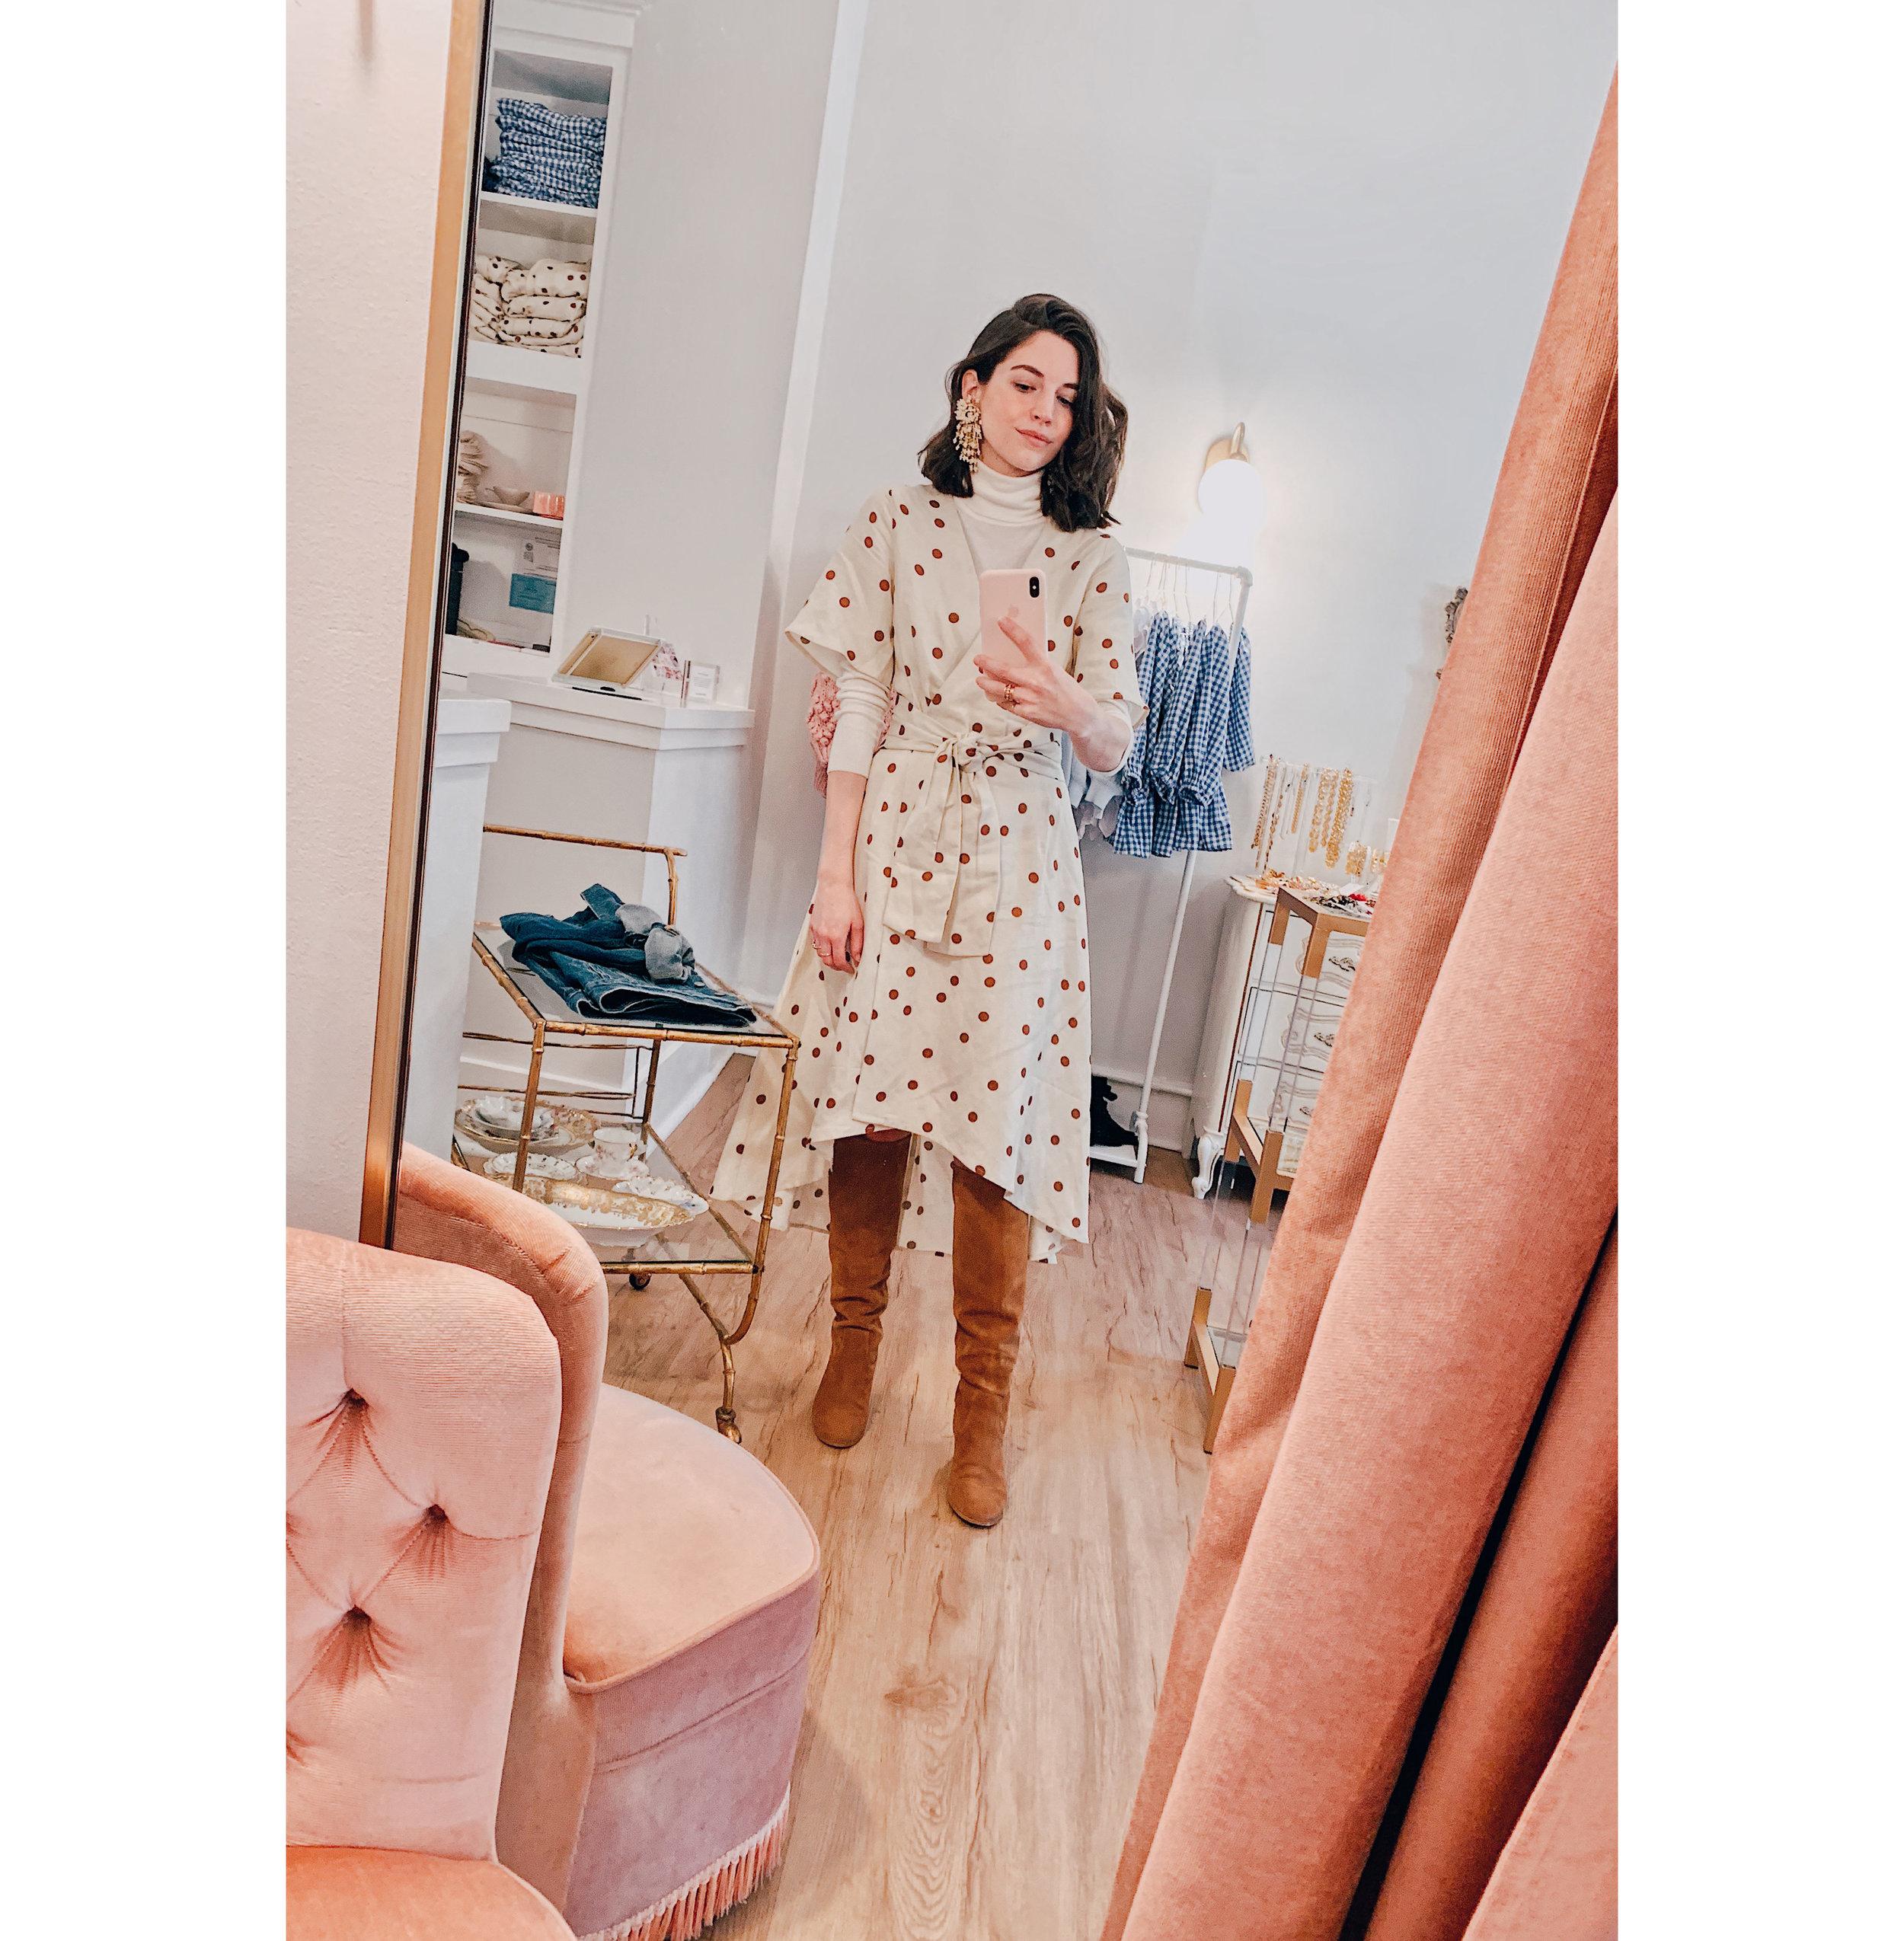 Polka Dot Wrap Dress Selfie.jpg